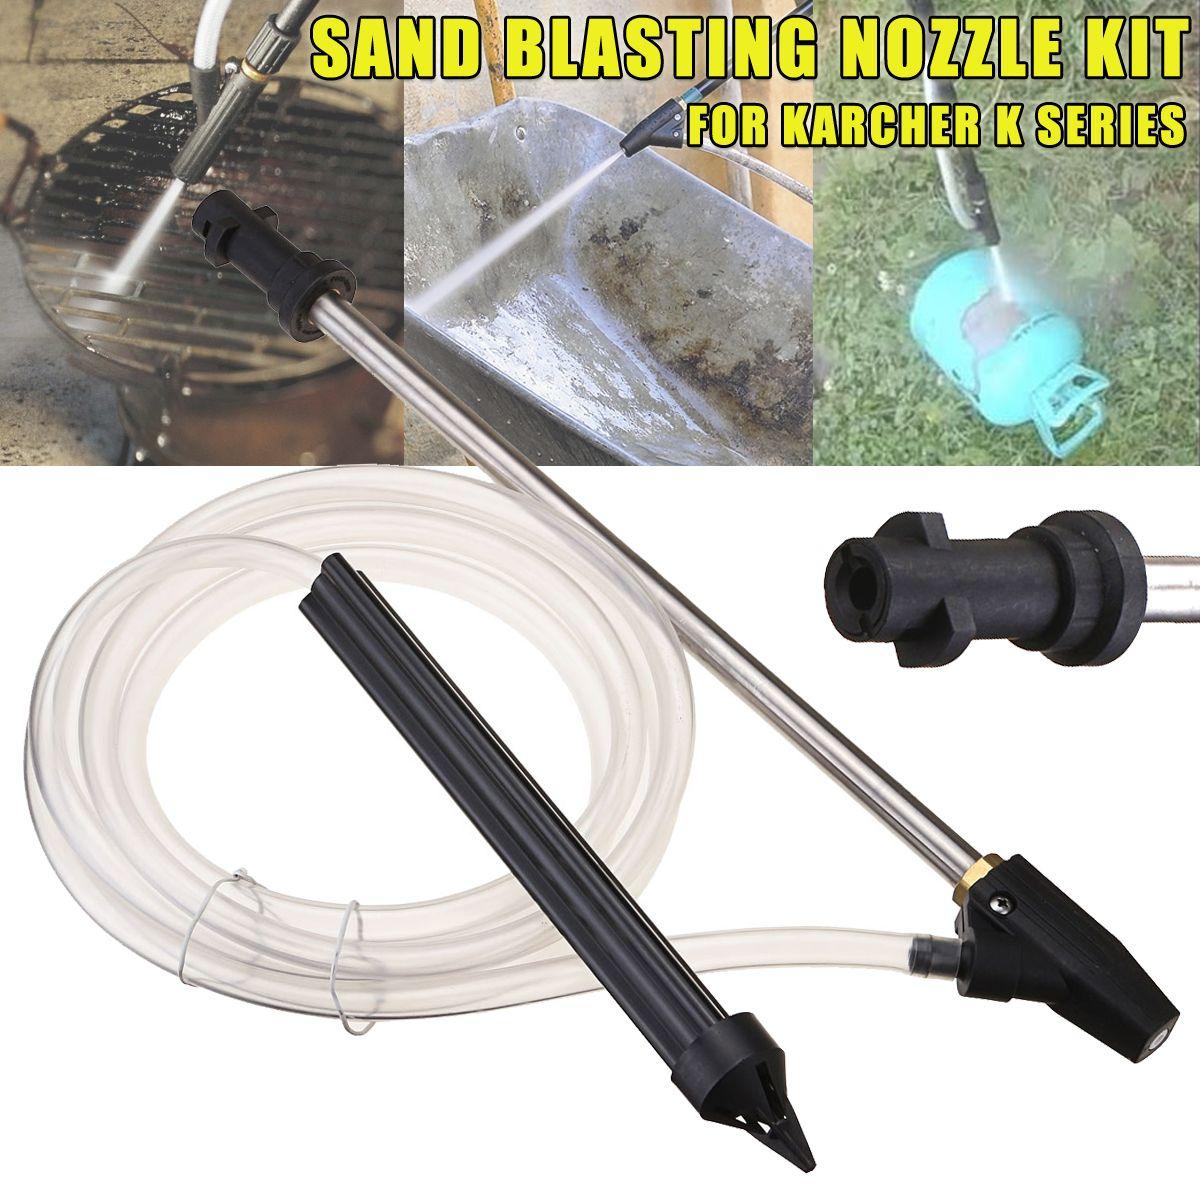 Portable Sand Blaster Wet Blasting Washer Sandblasting Kit For Karcher K Series High Pressure Cleaner